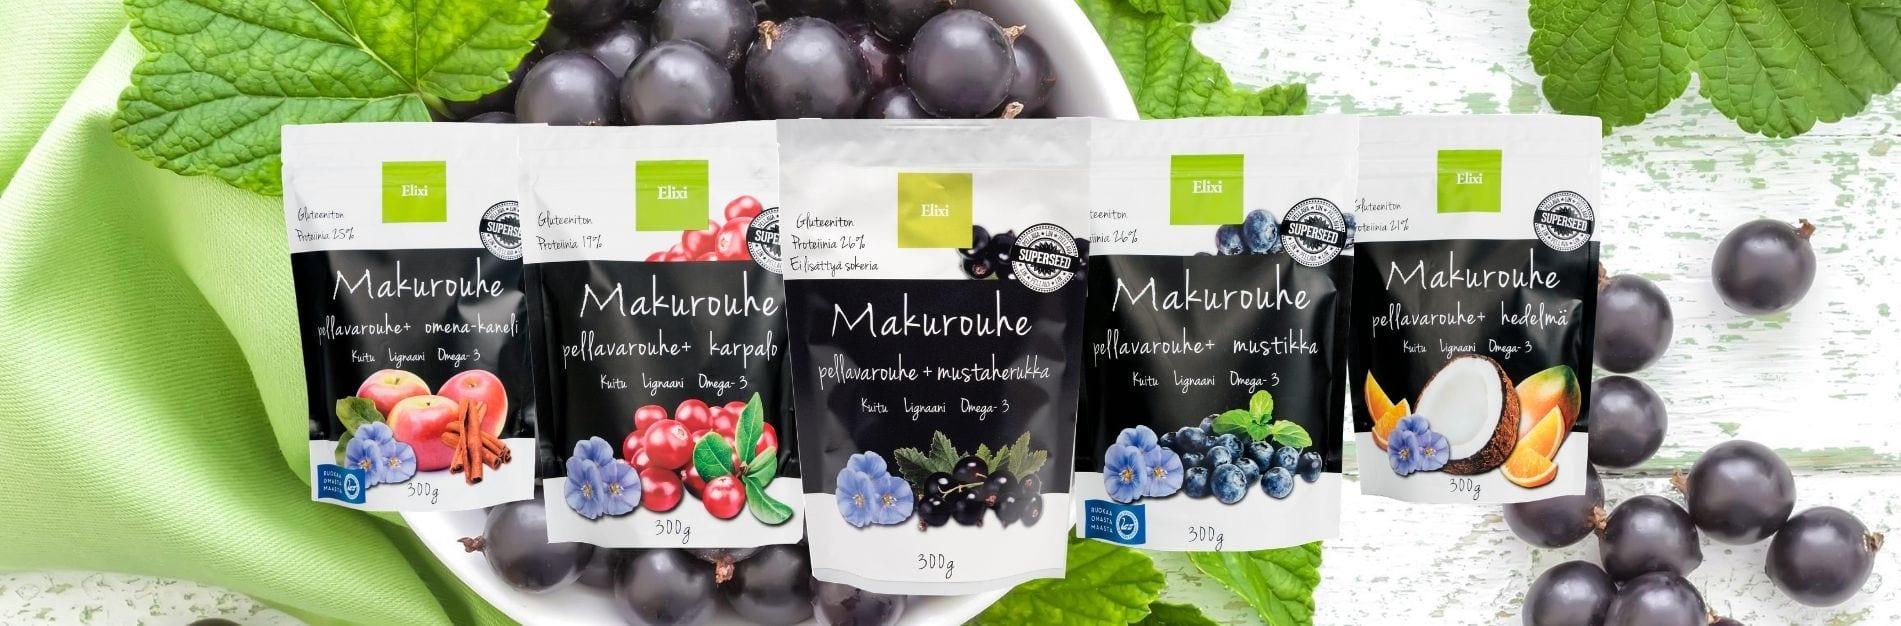 Makurouheet, pellavarouhe ja marjoja ja hedelmiä